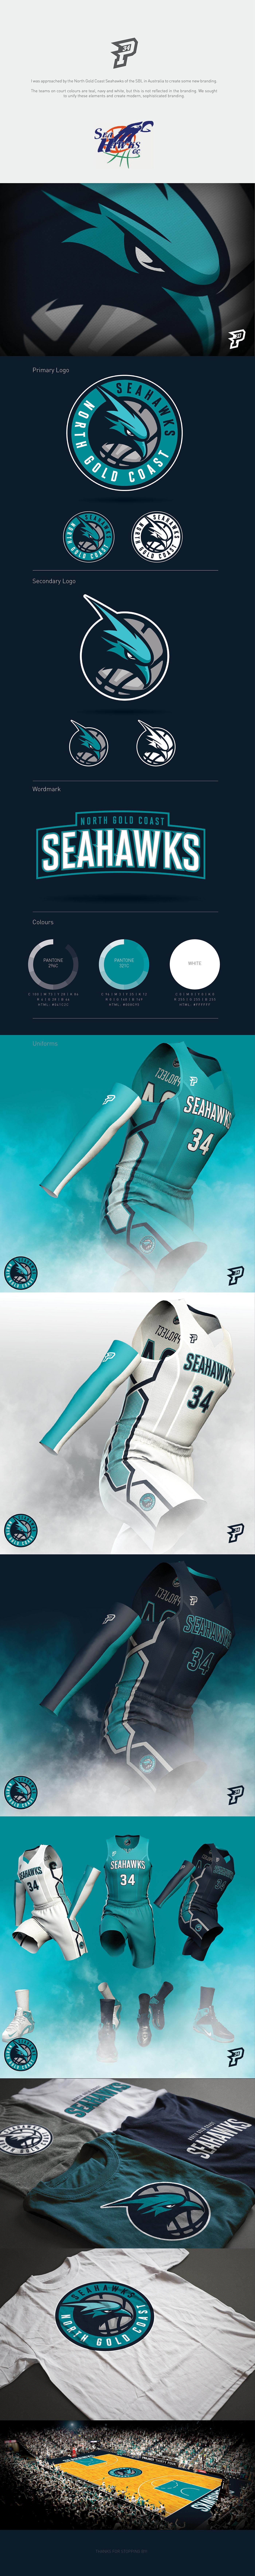 精品的25款籃球logo欣賞